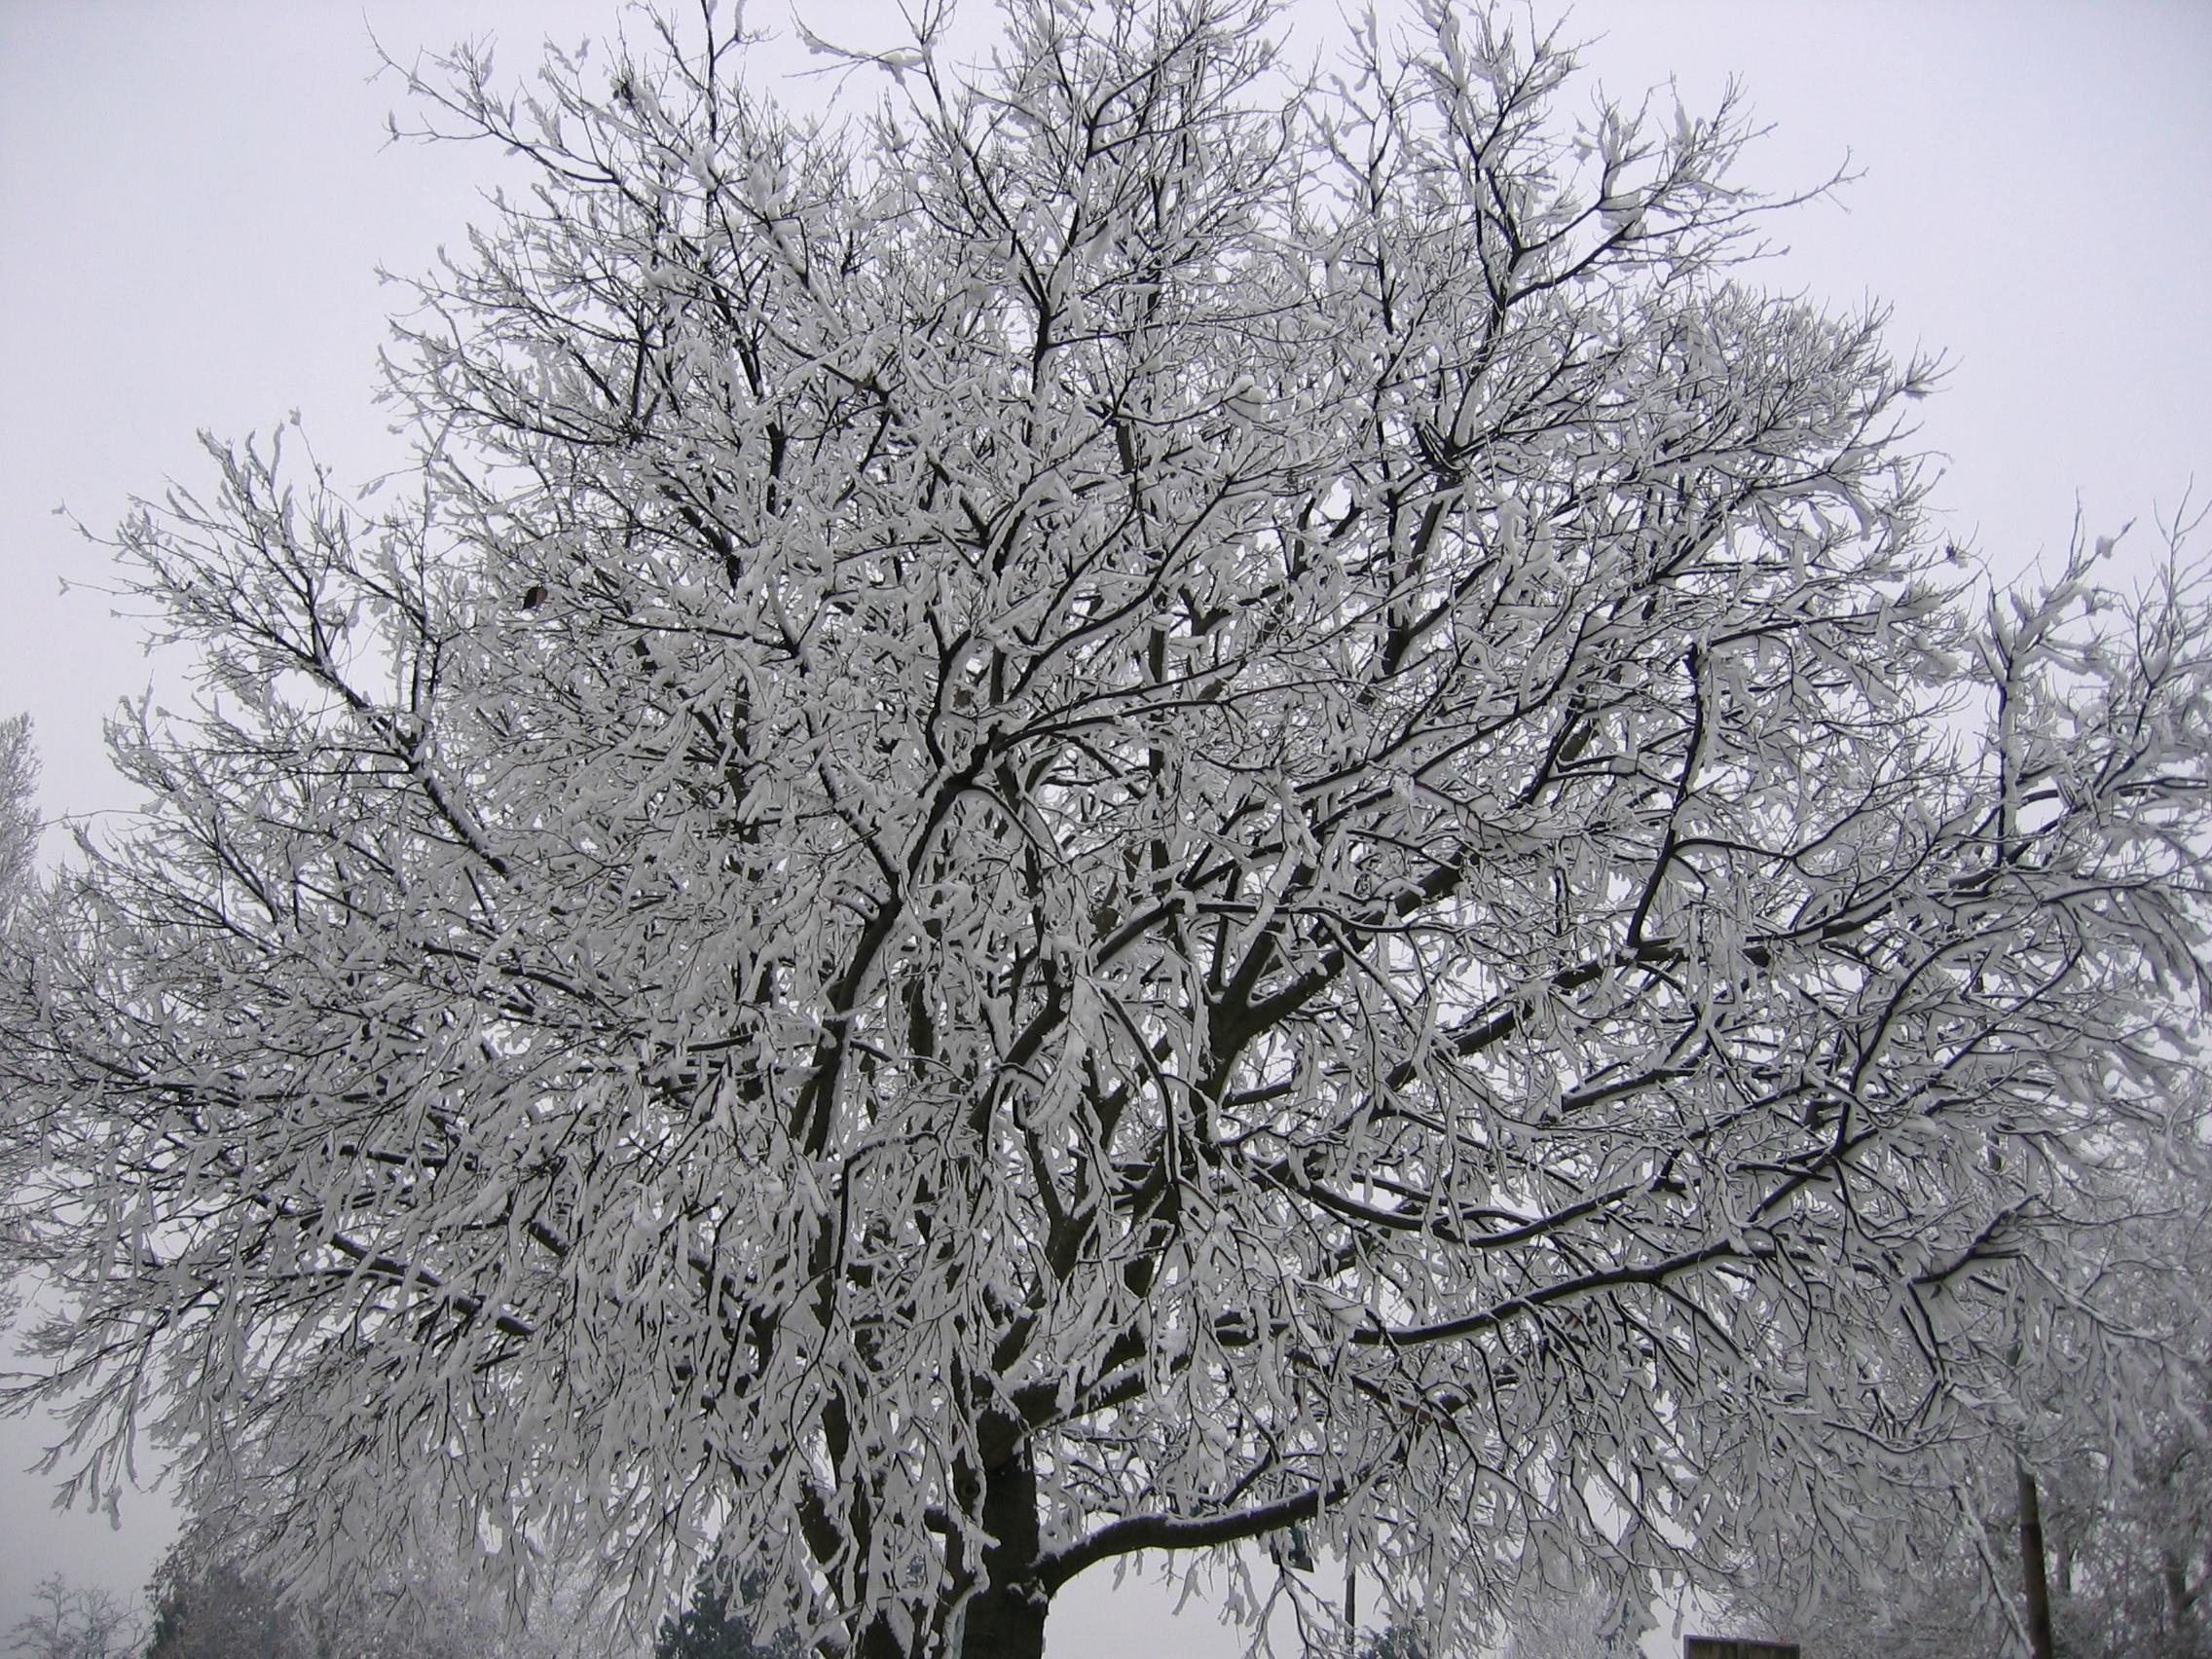 Reportage Galaverna - fine dicembre 2007 - Polesella (RO)-129_2915-1-.jpg